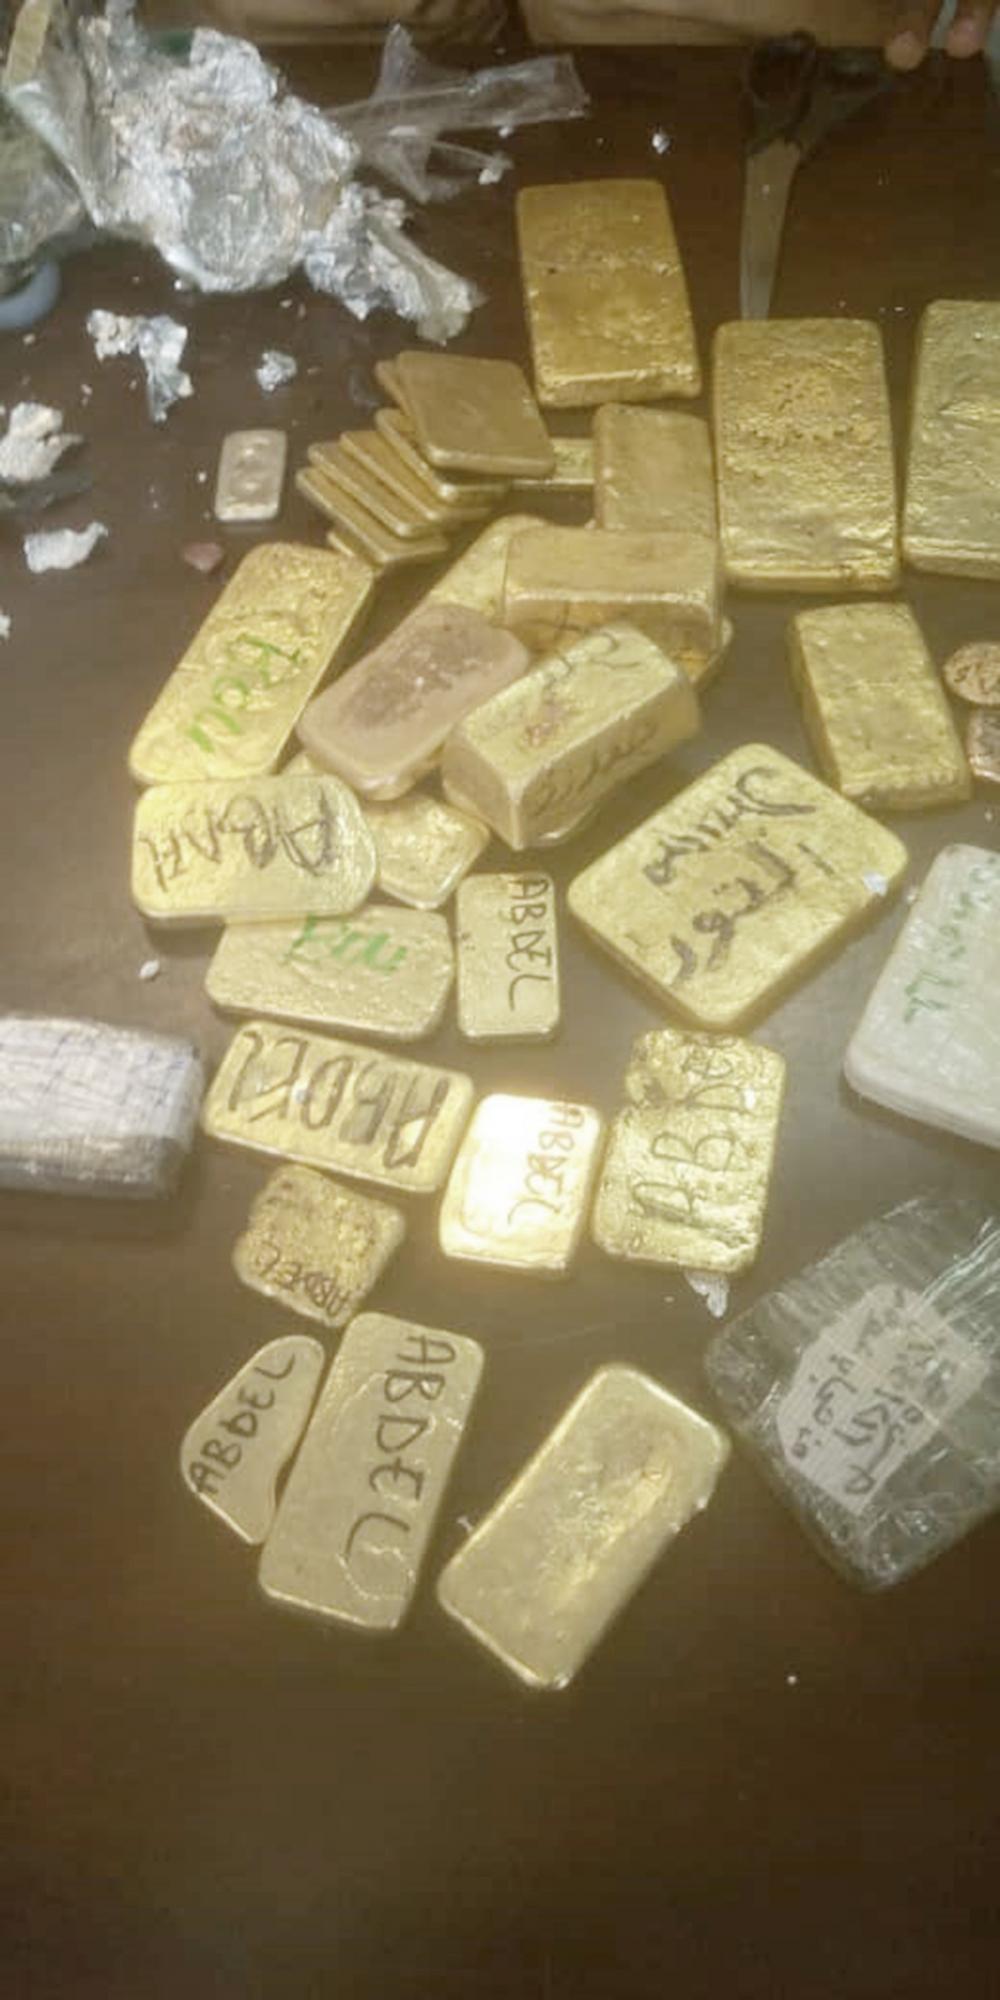 Faits divers : 38 lingots d'or saisis à l'aéroport